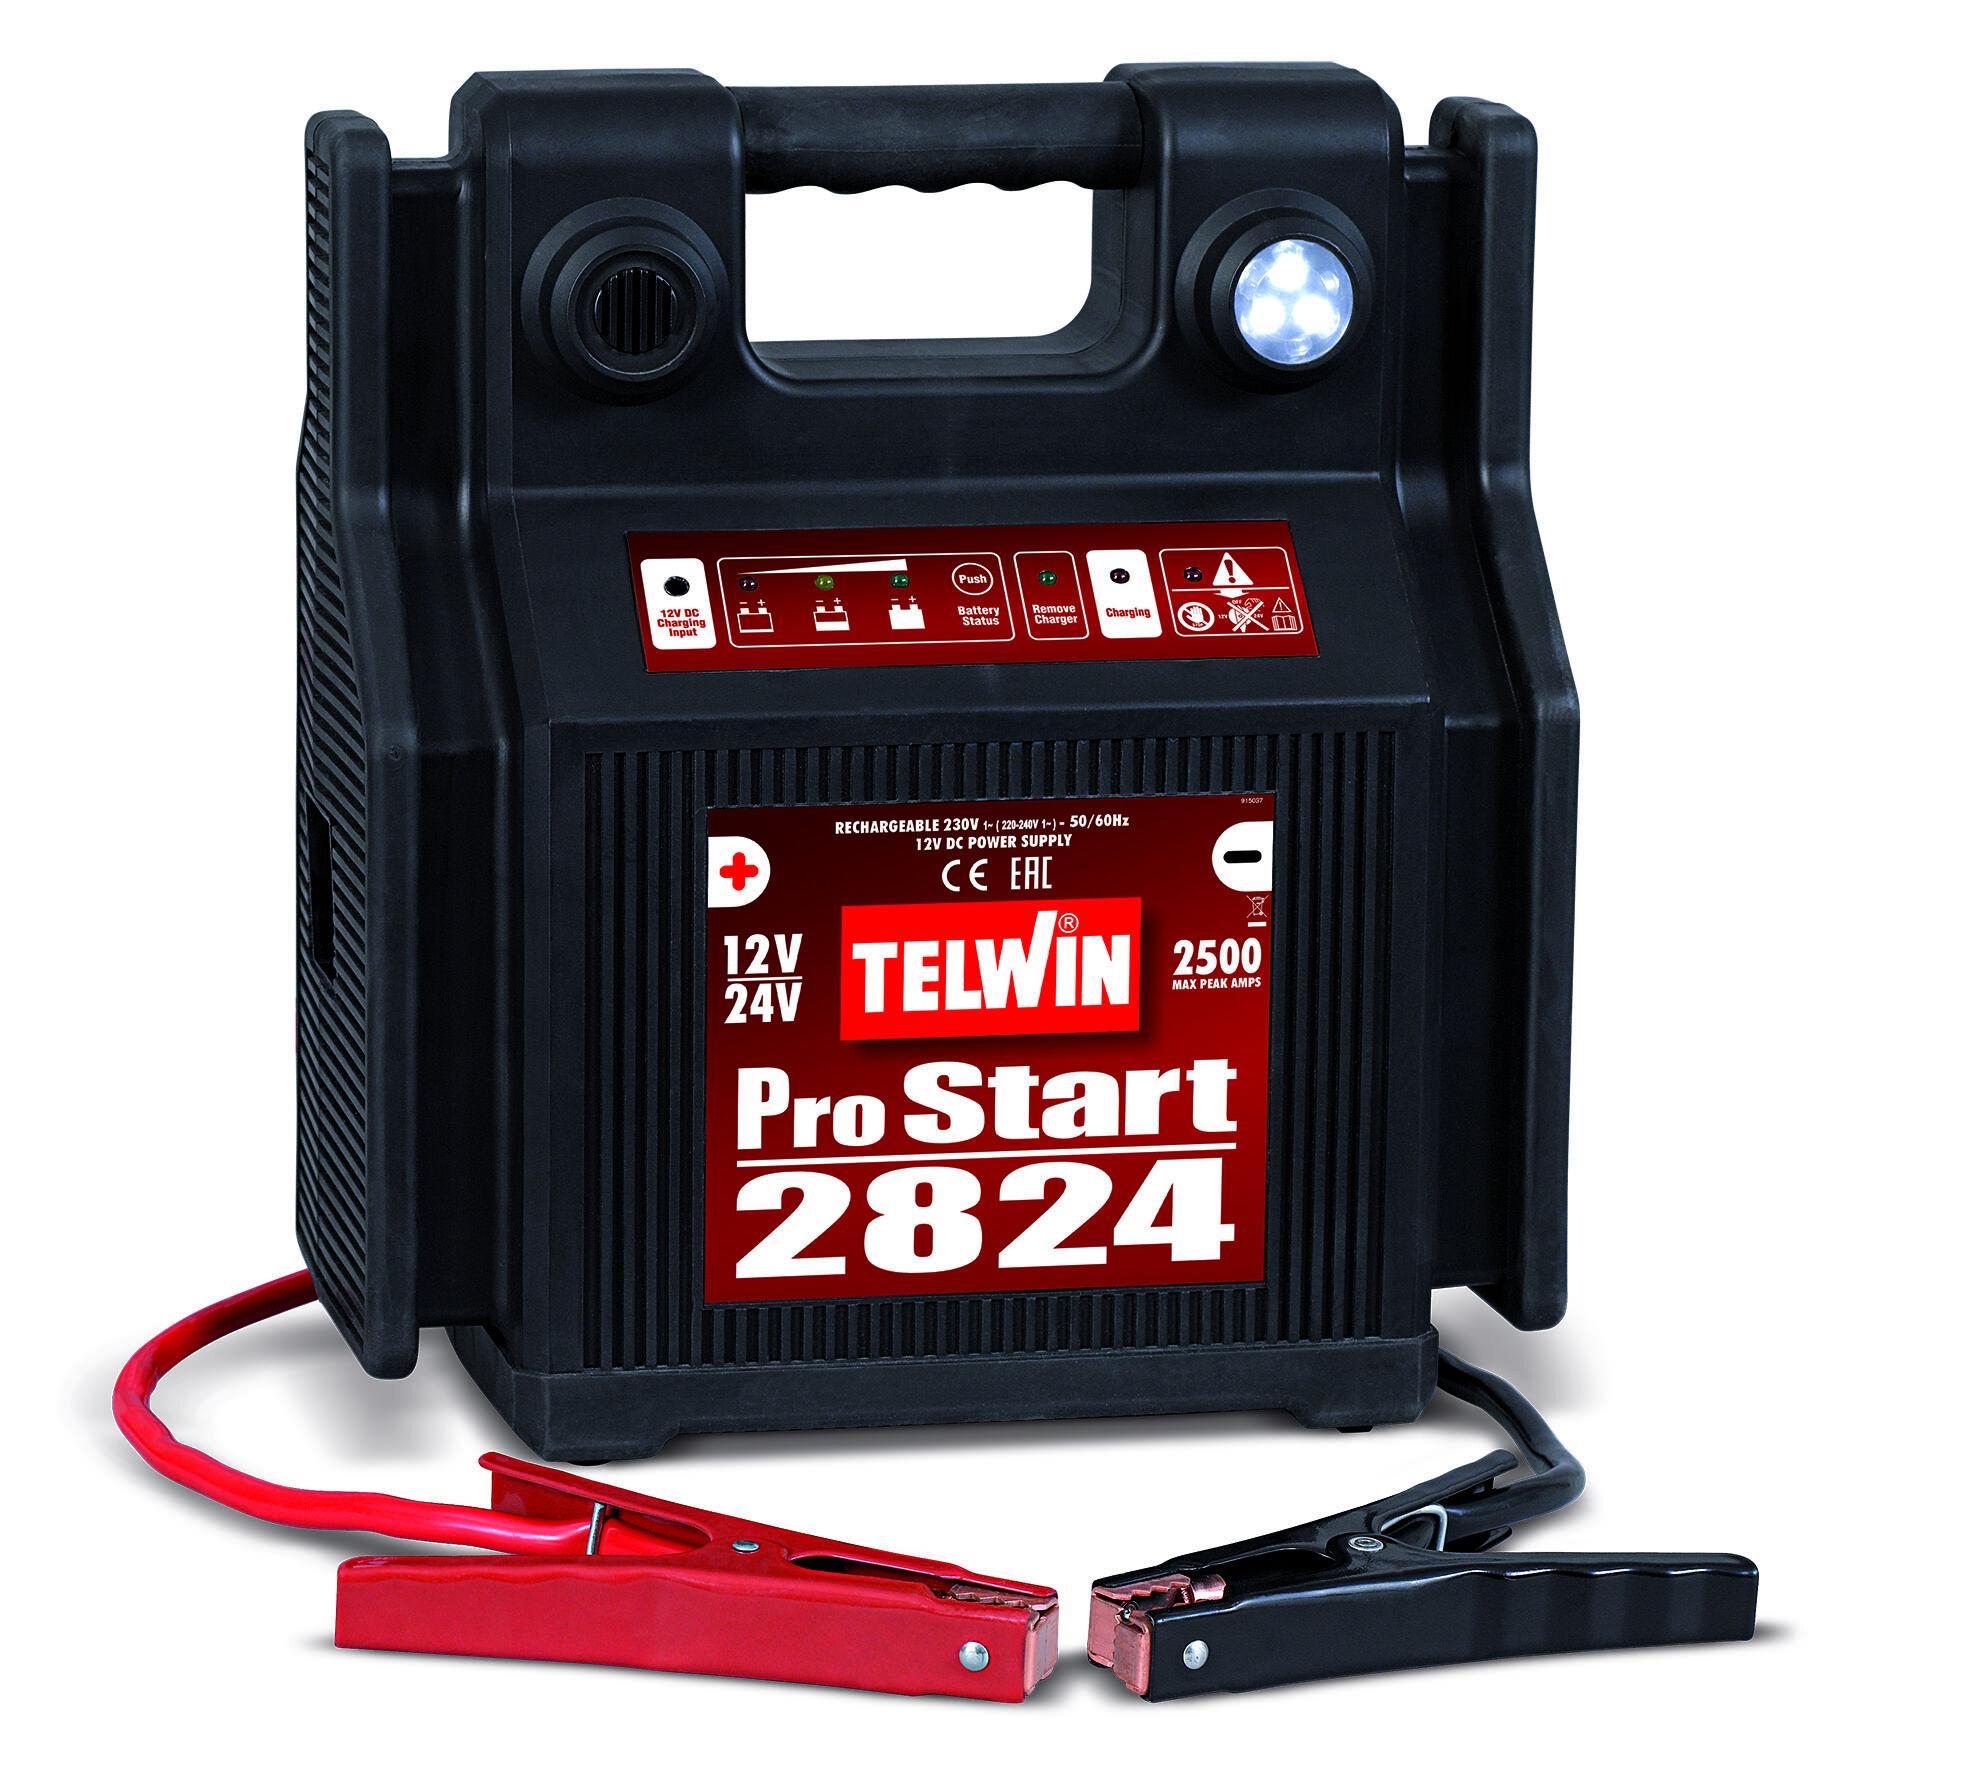 telwin avviatore a batteria telwin pro start 2824